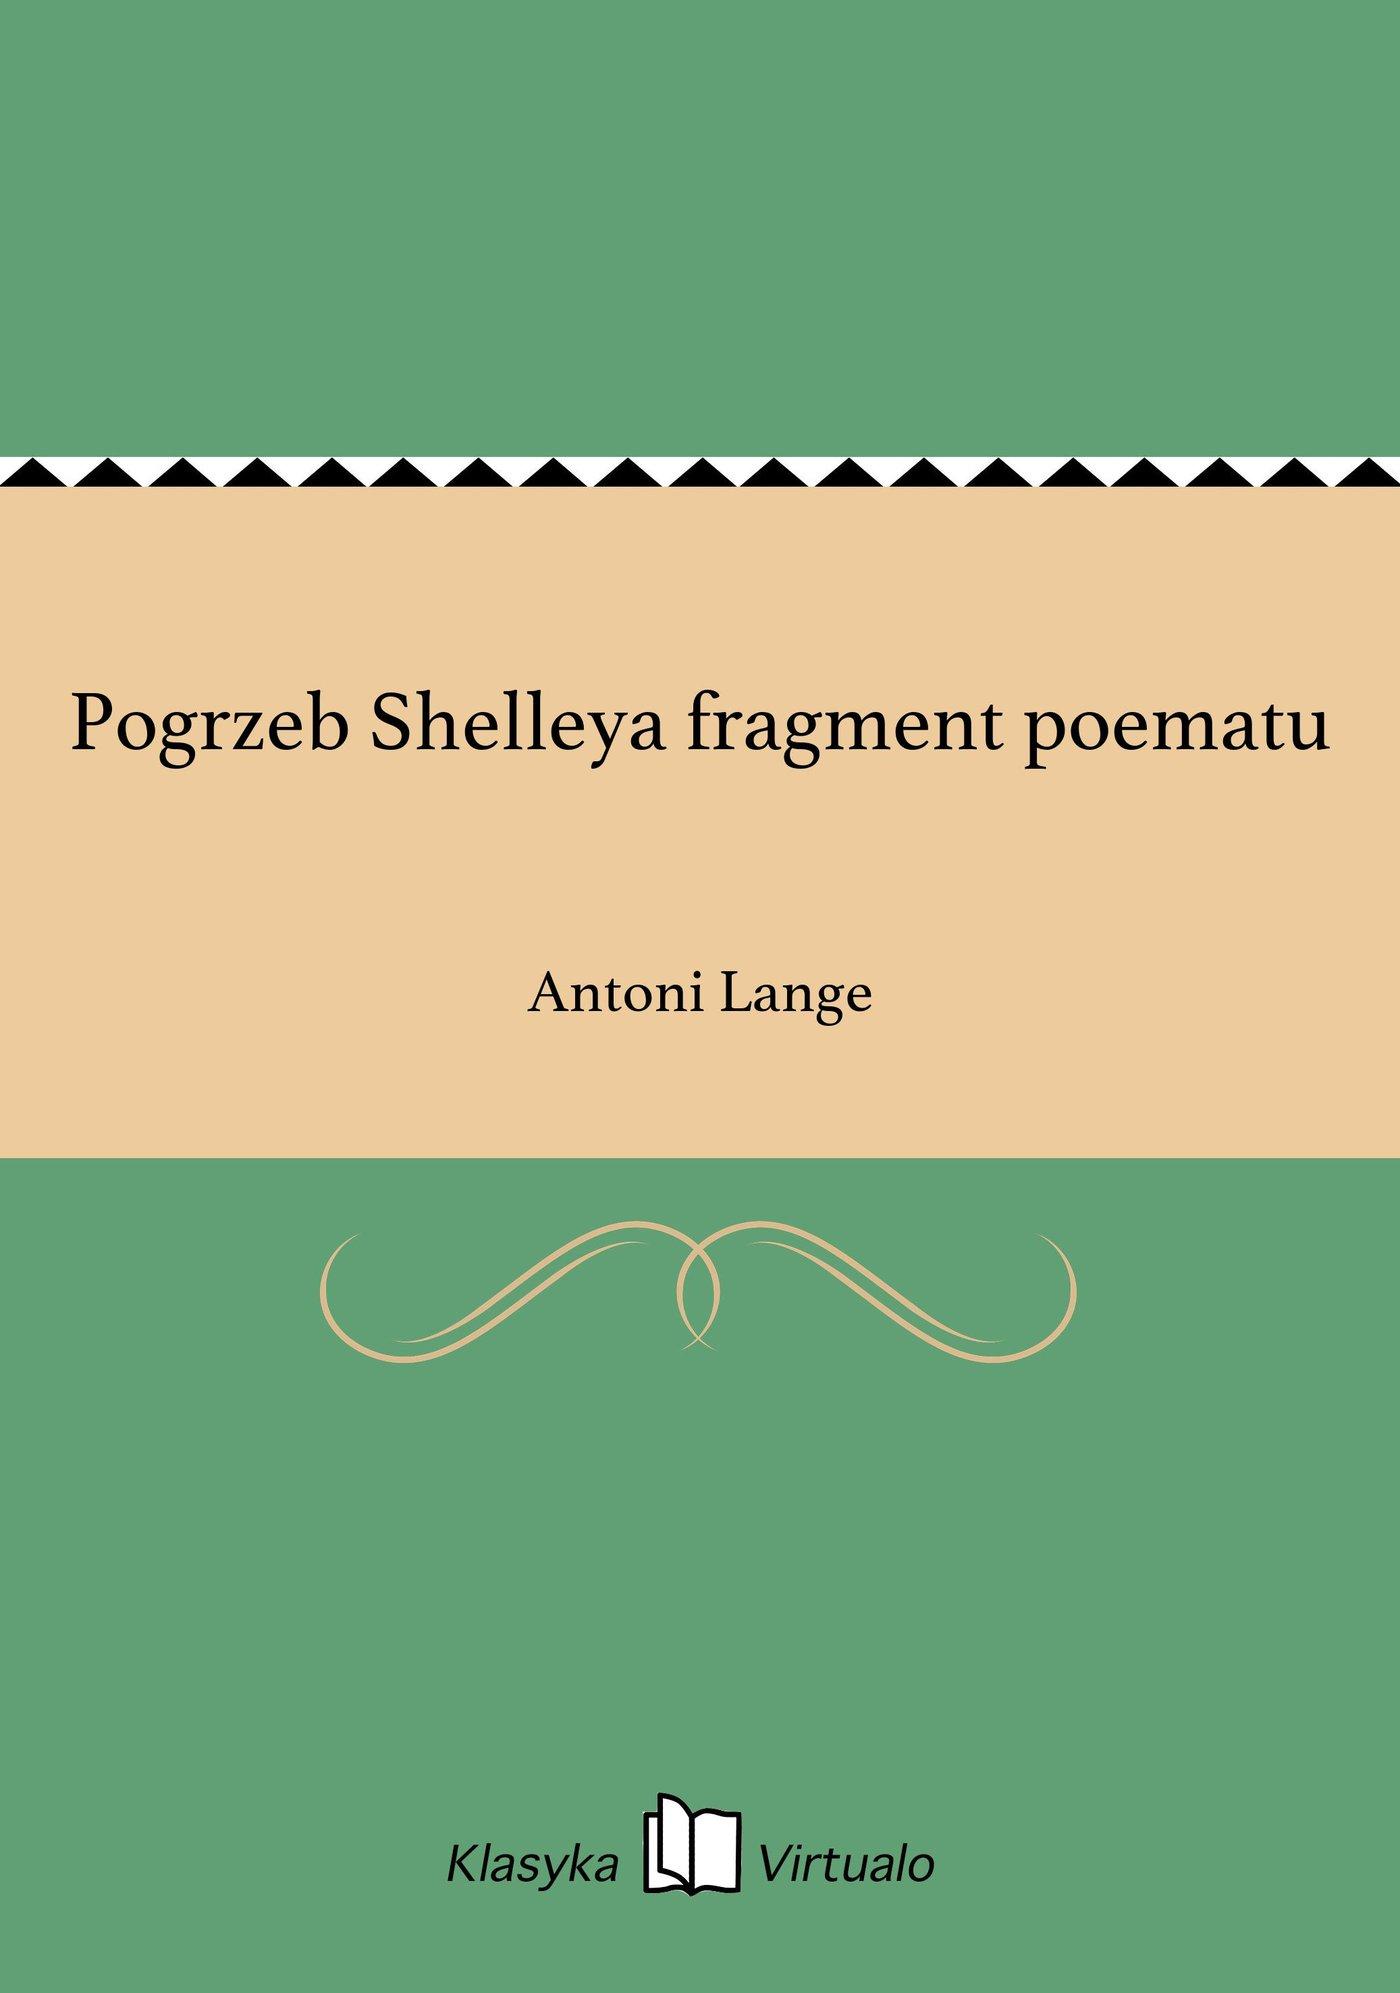 Pogrzeb Shelleya fragment poematu - Ebook (Książka EPUB) do pobrania w formacie EPUB